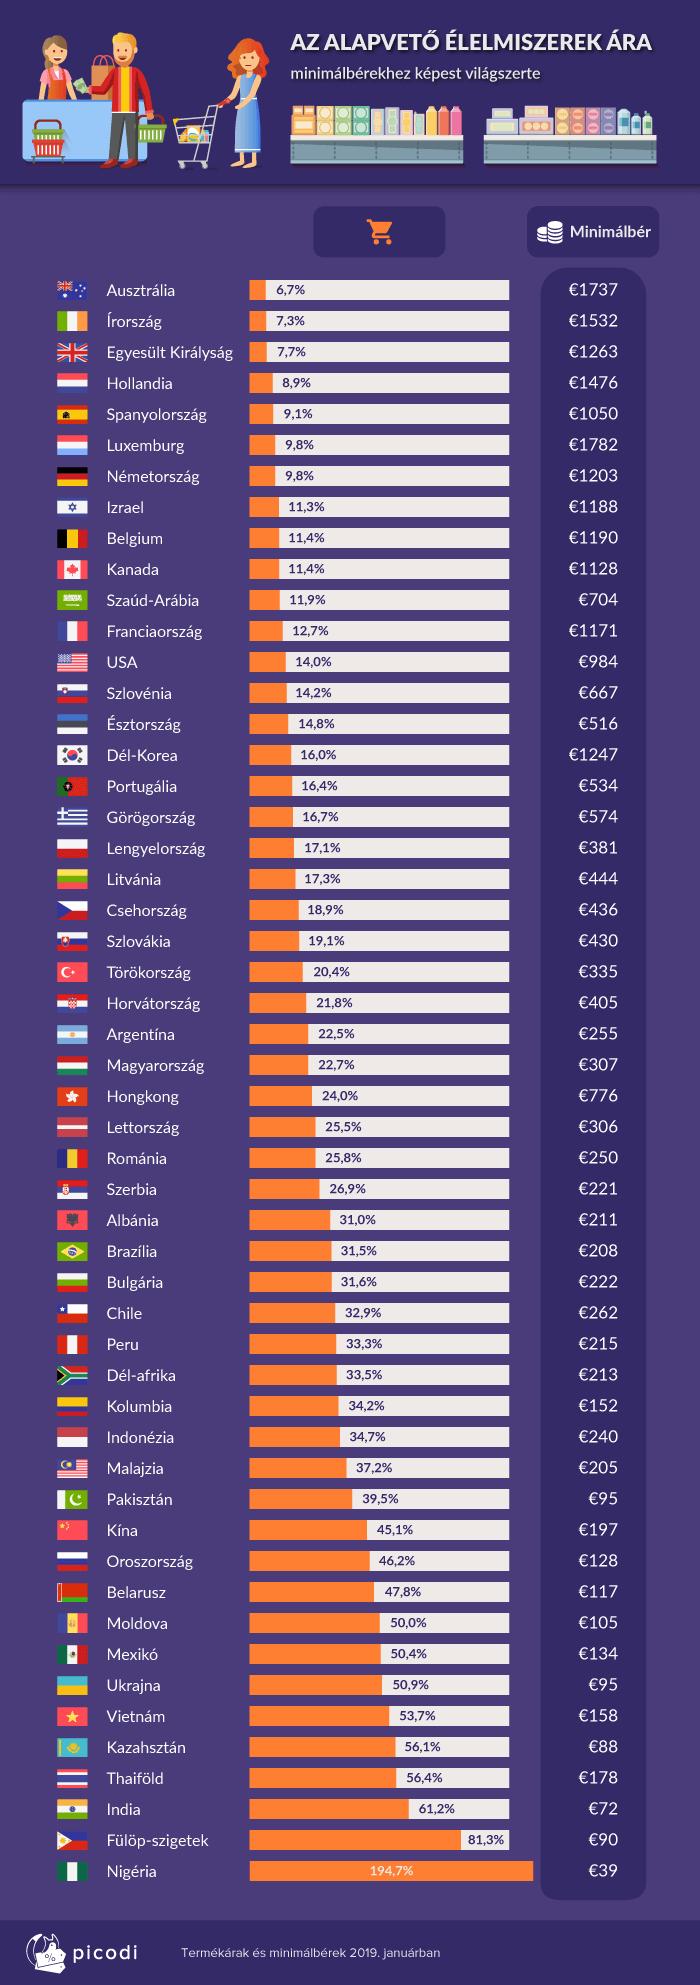 A minimálbér és a fogyasztói árak aránya